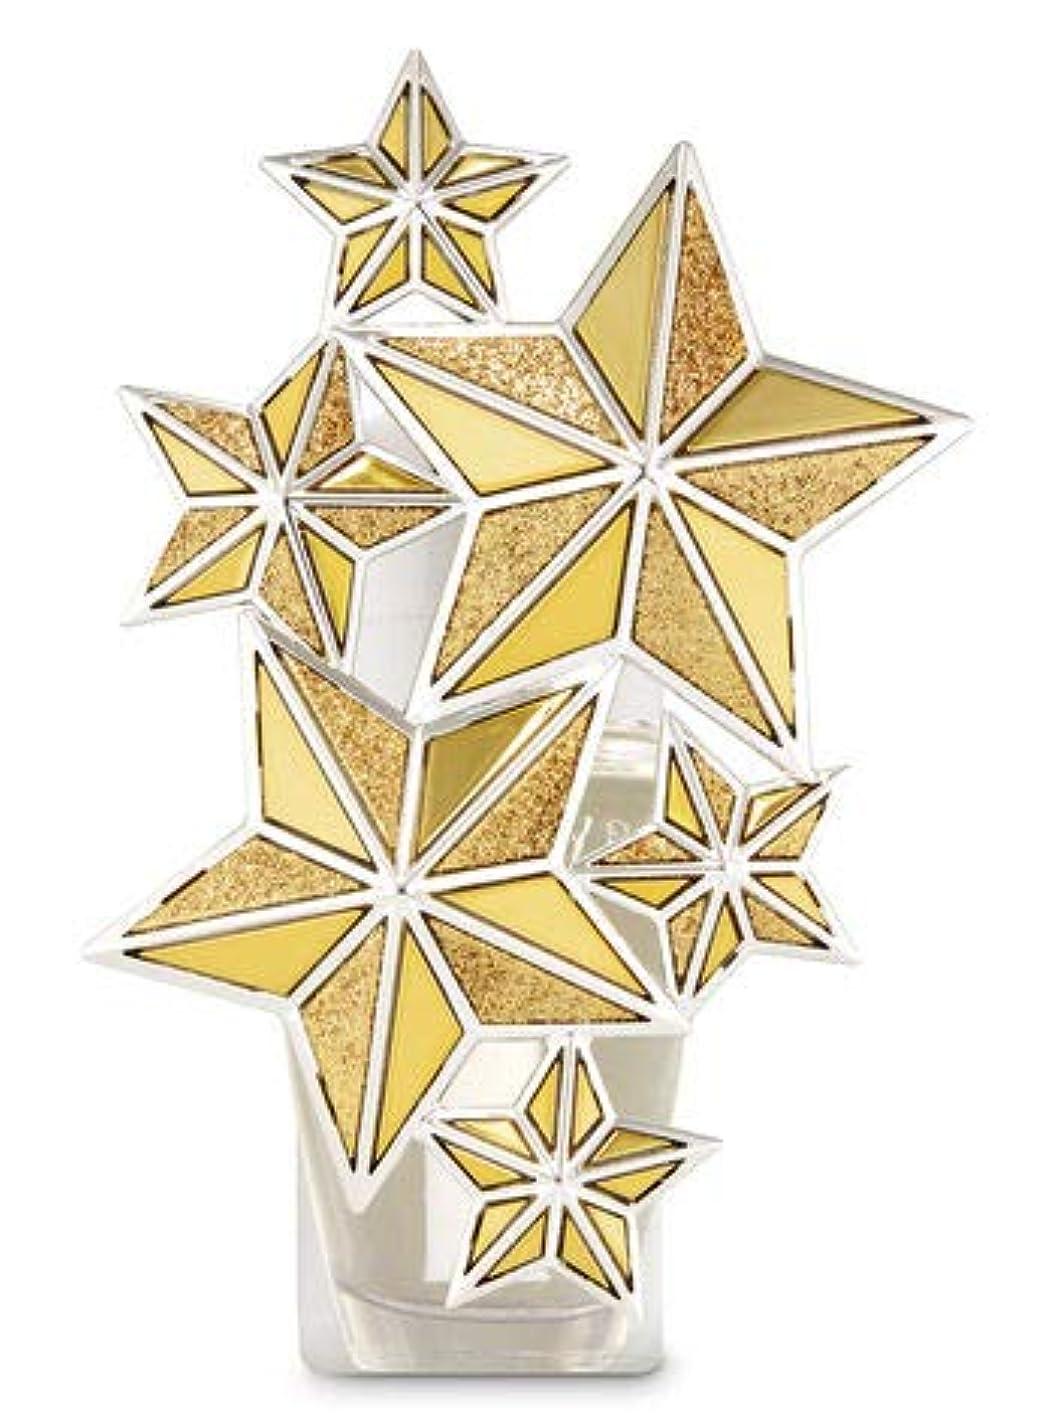 違反する無駄な裏切り者【Bath&Body Works/バス&ボディワークス】 ルームフレグランス プラグインスターター (本体のみ) ゴールドスター ナイトライト Wallflowers Fragrance Plug Gold Star Night...